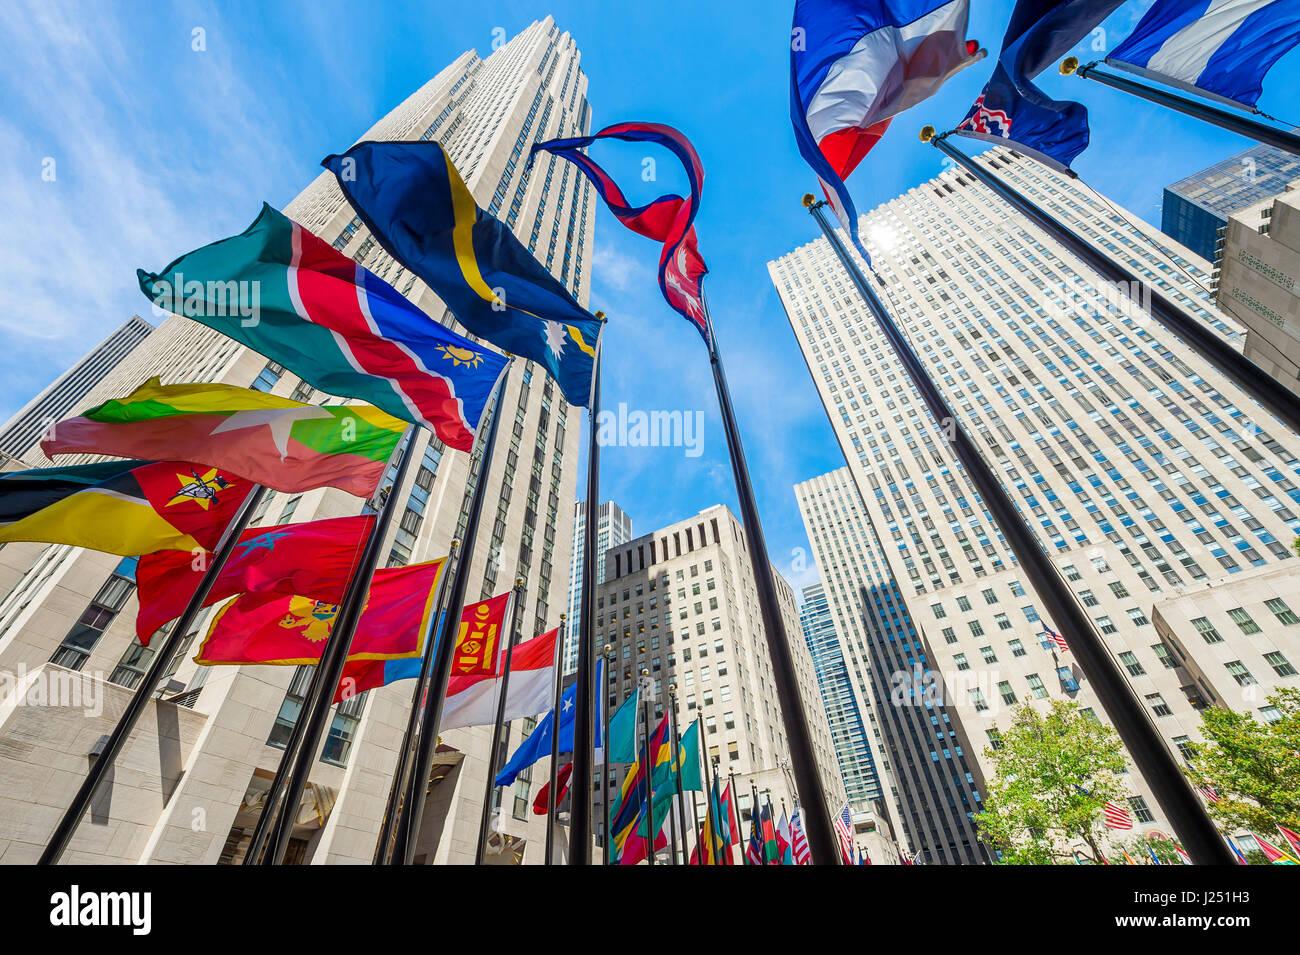 NEW YORK CITY - 2 septembre, 2016: International, je vois des drapeaux au pied du gratte-ciel Art Déco Photo Stock